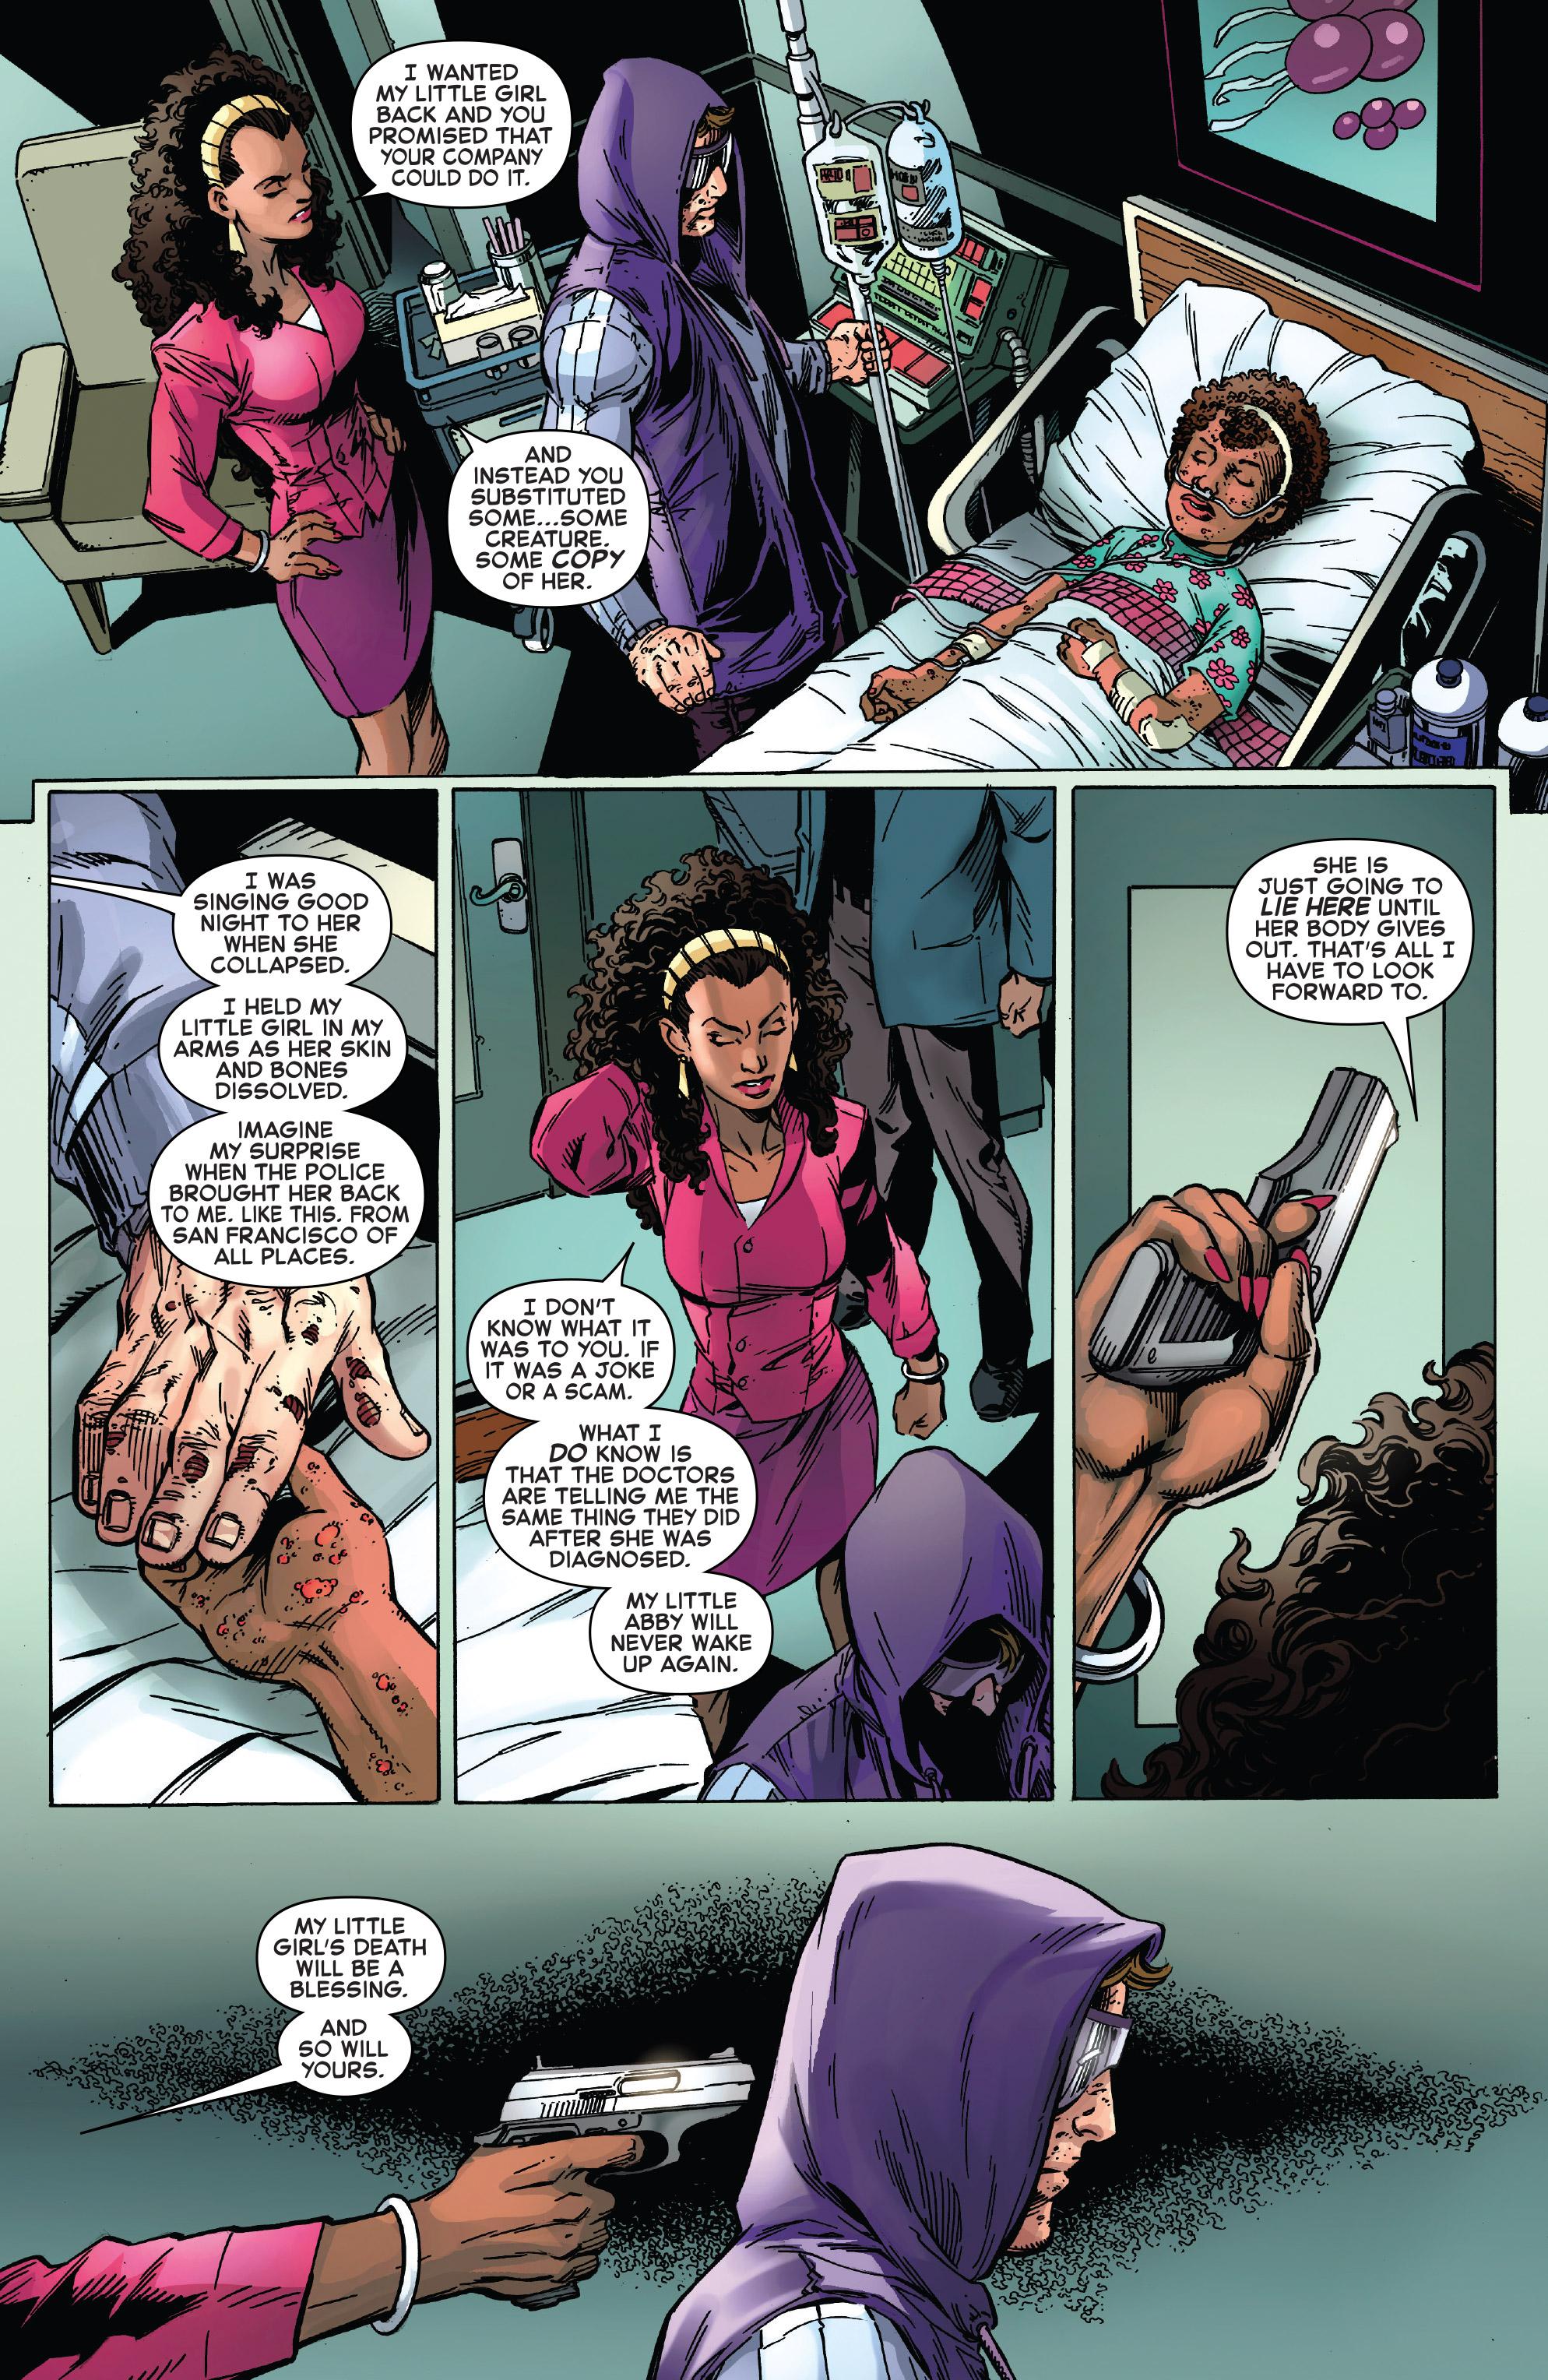 Read online Ben Reilly: Scarlet Spider comic -  Issue #2 - 12